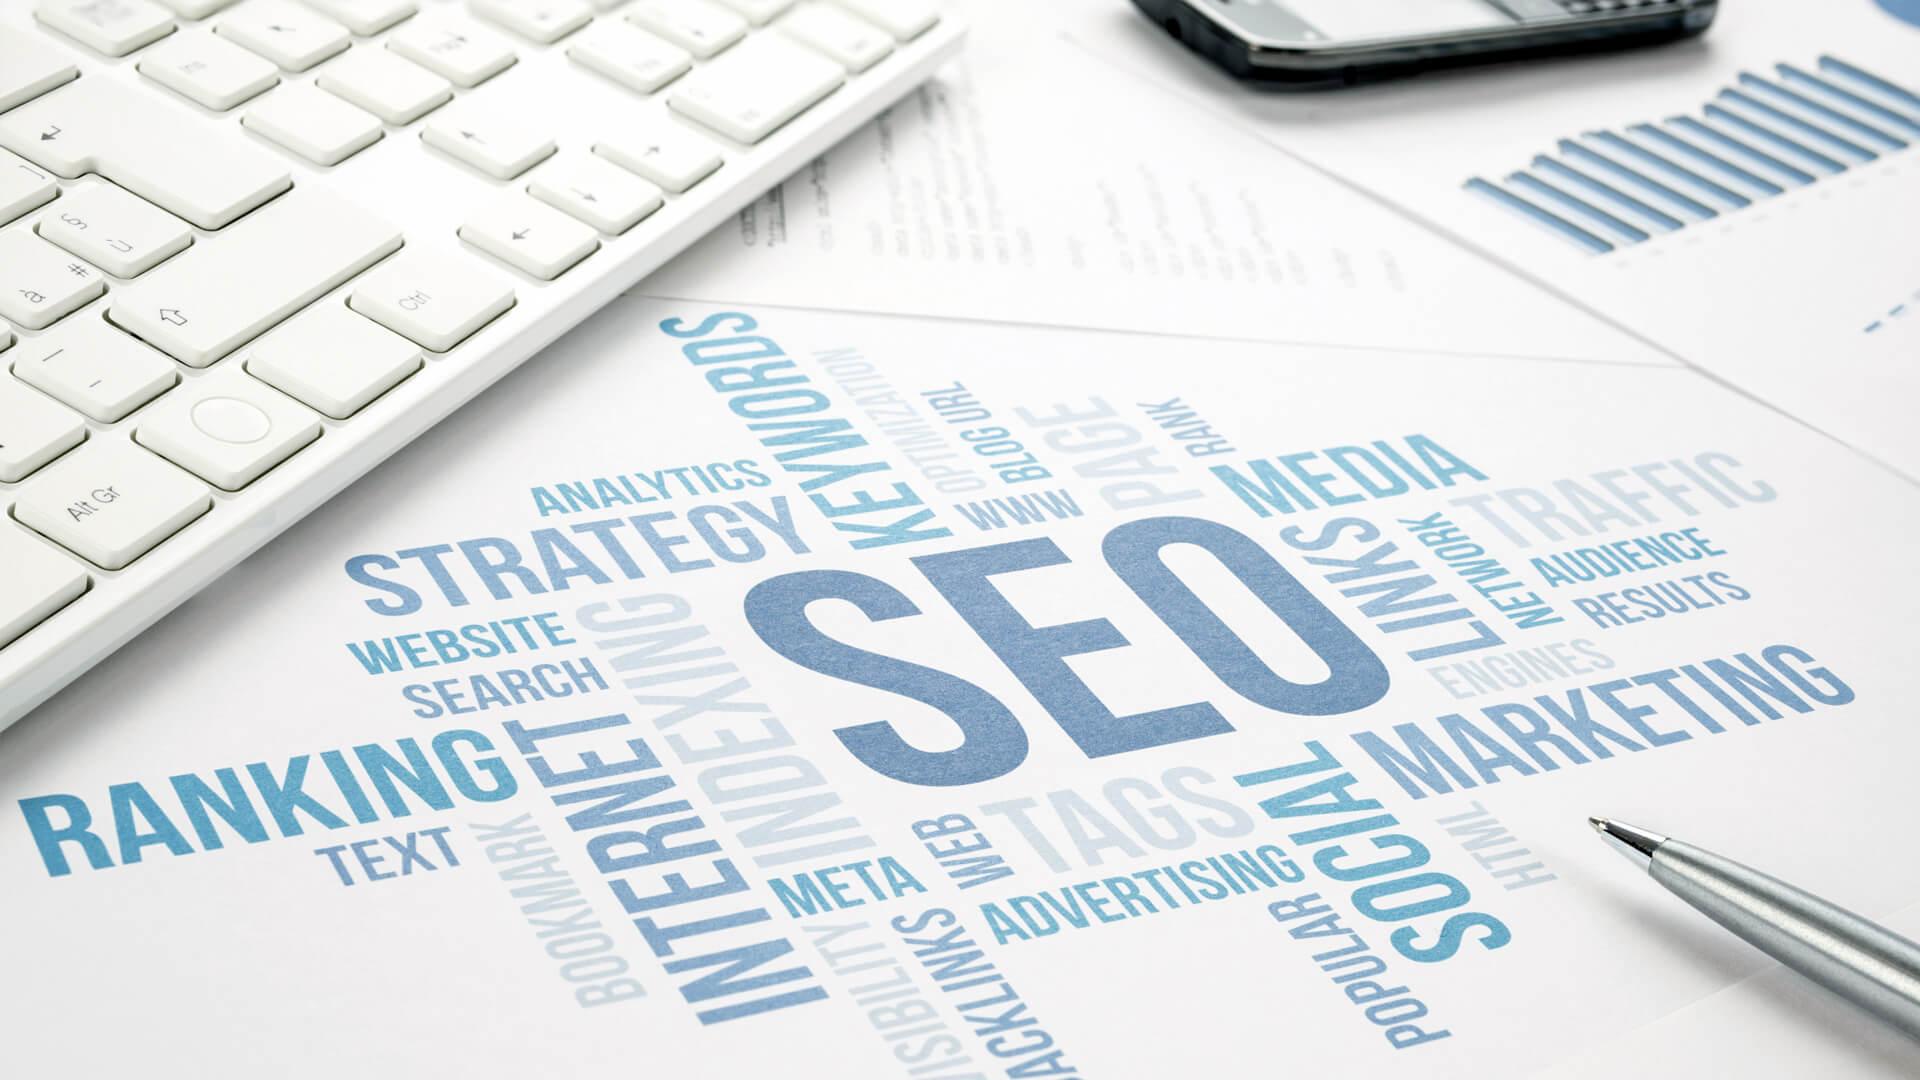 Раскрутка и эффективное продвижение сайтов в интернете